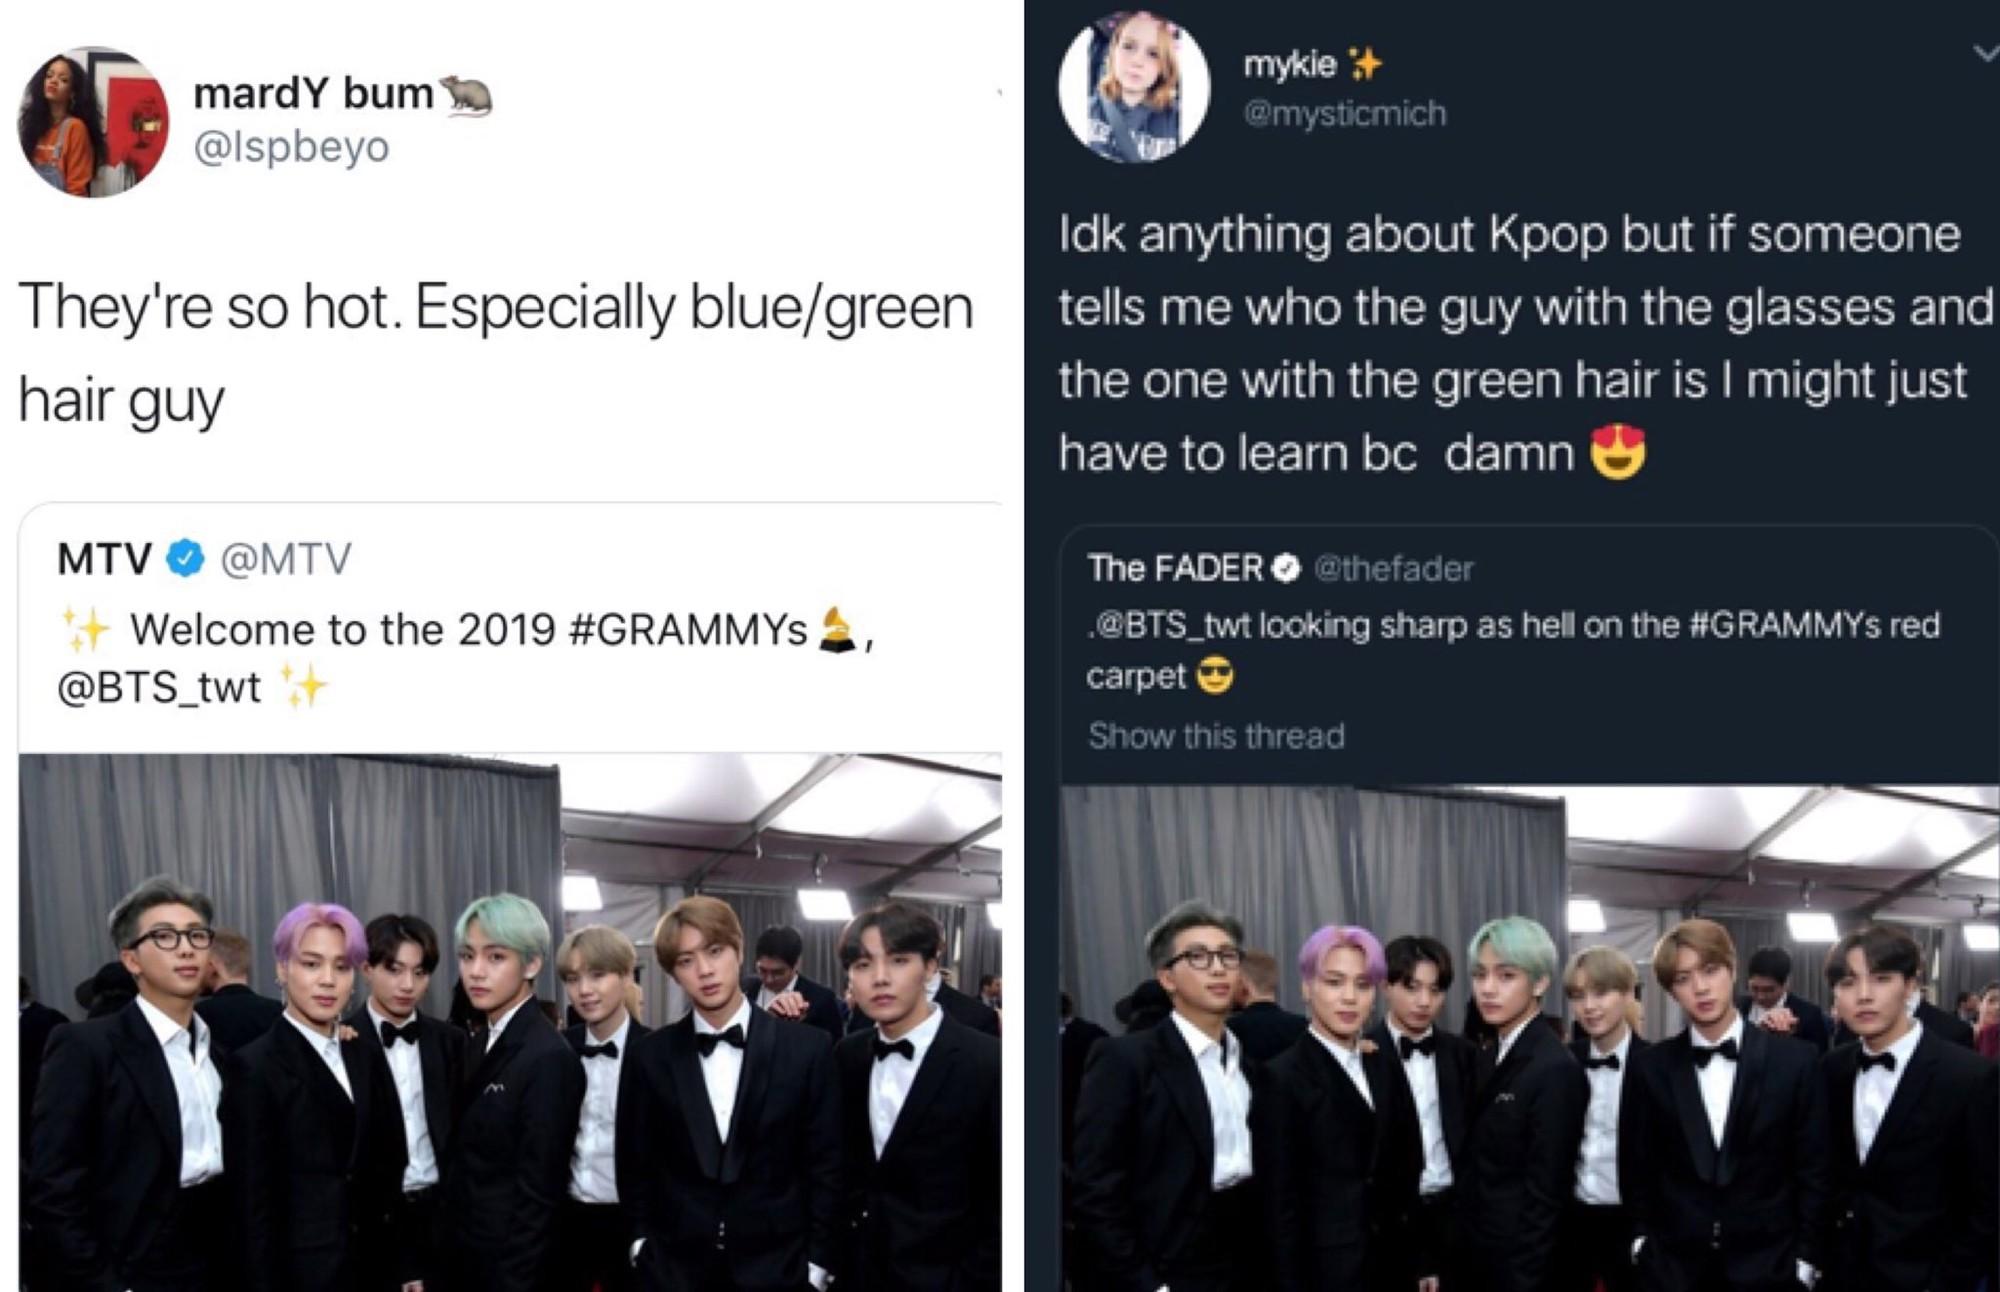 Chùm ảnh: Khoảnh khắc xuất thần của V (BTS) ở Grammy khiến dân tình phải thốt lên Chàng trai với mái tóc xanh lá là ai vậy? - Ảnh 2.